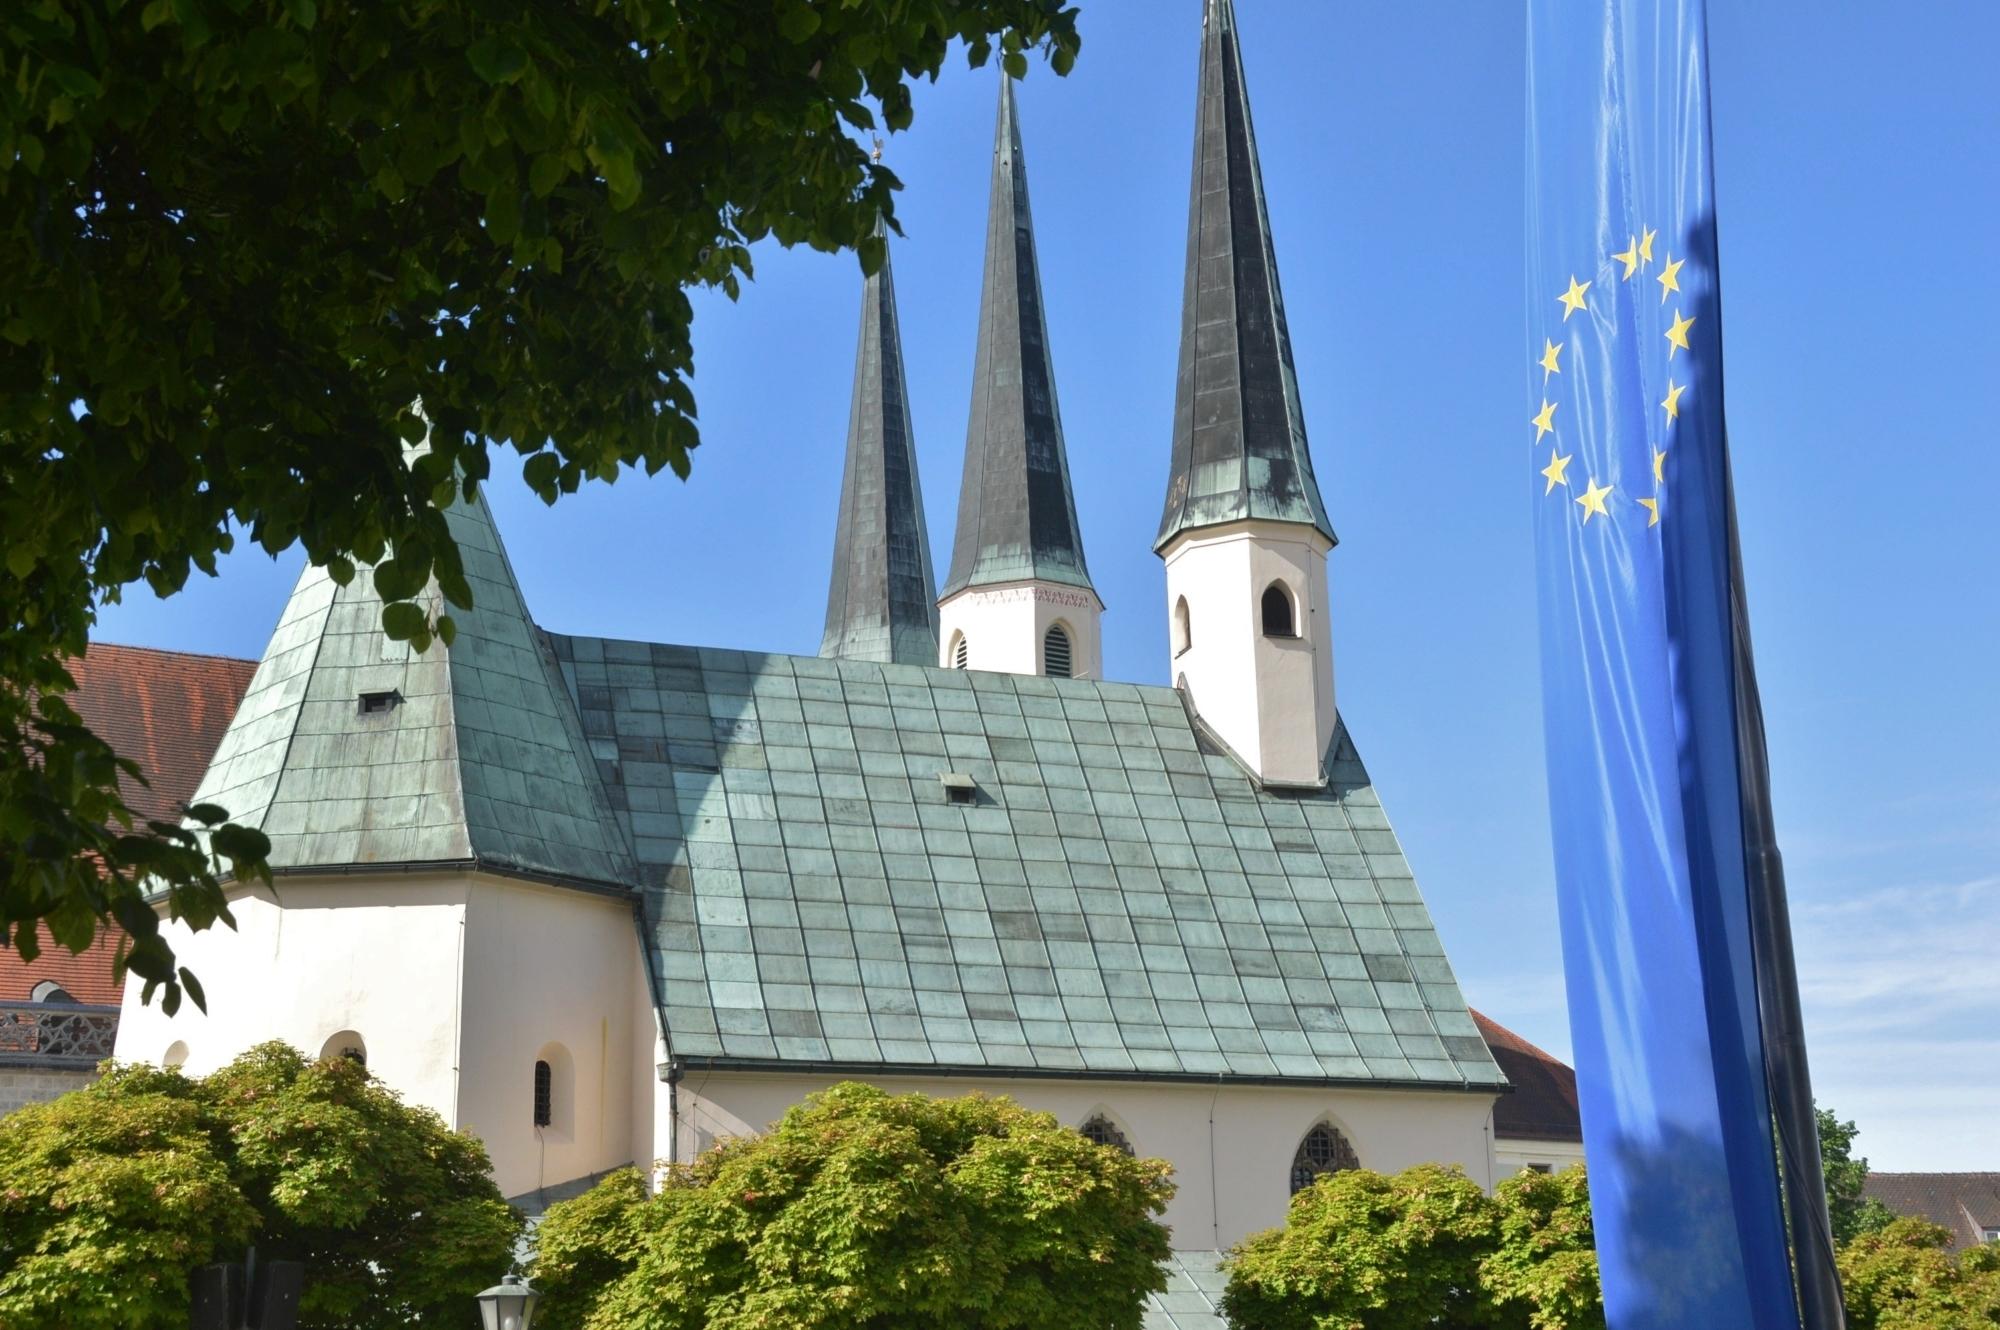 Gnadenkapelle mit Europafahne Mai 2013 2